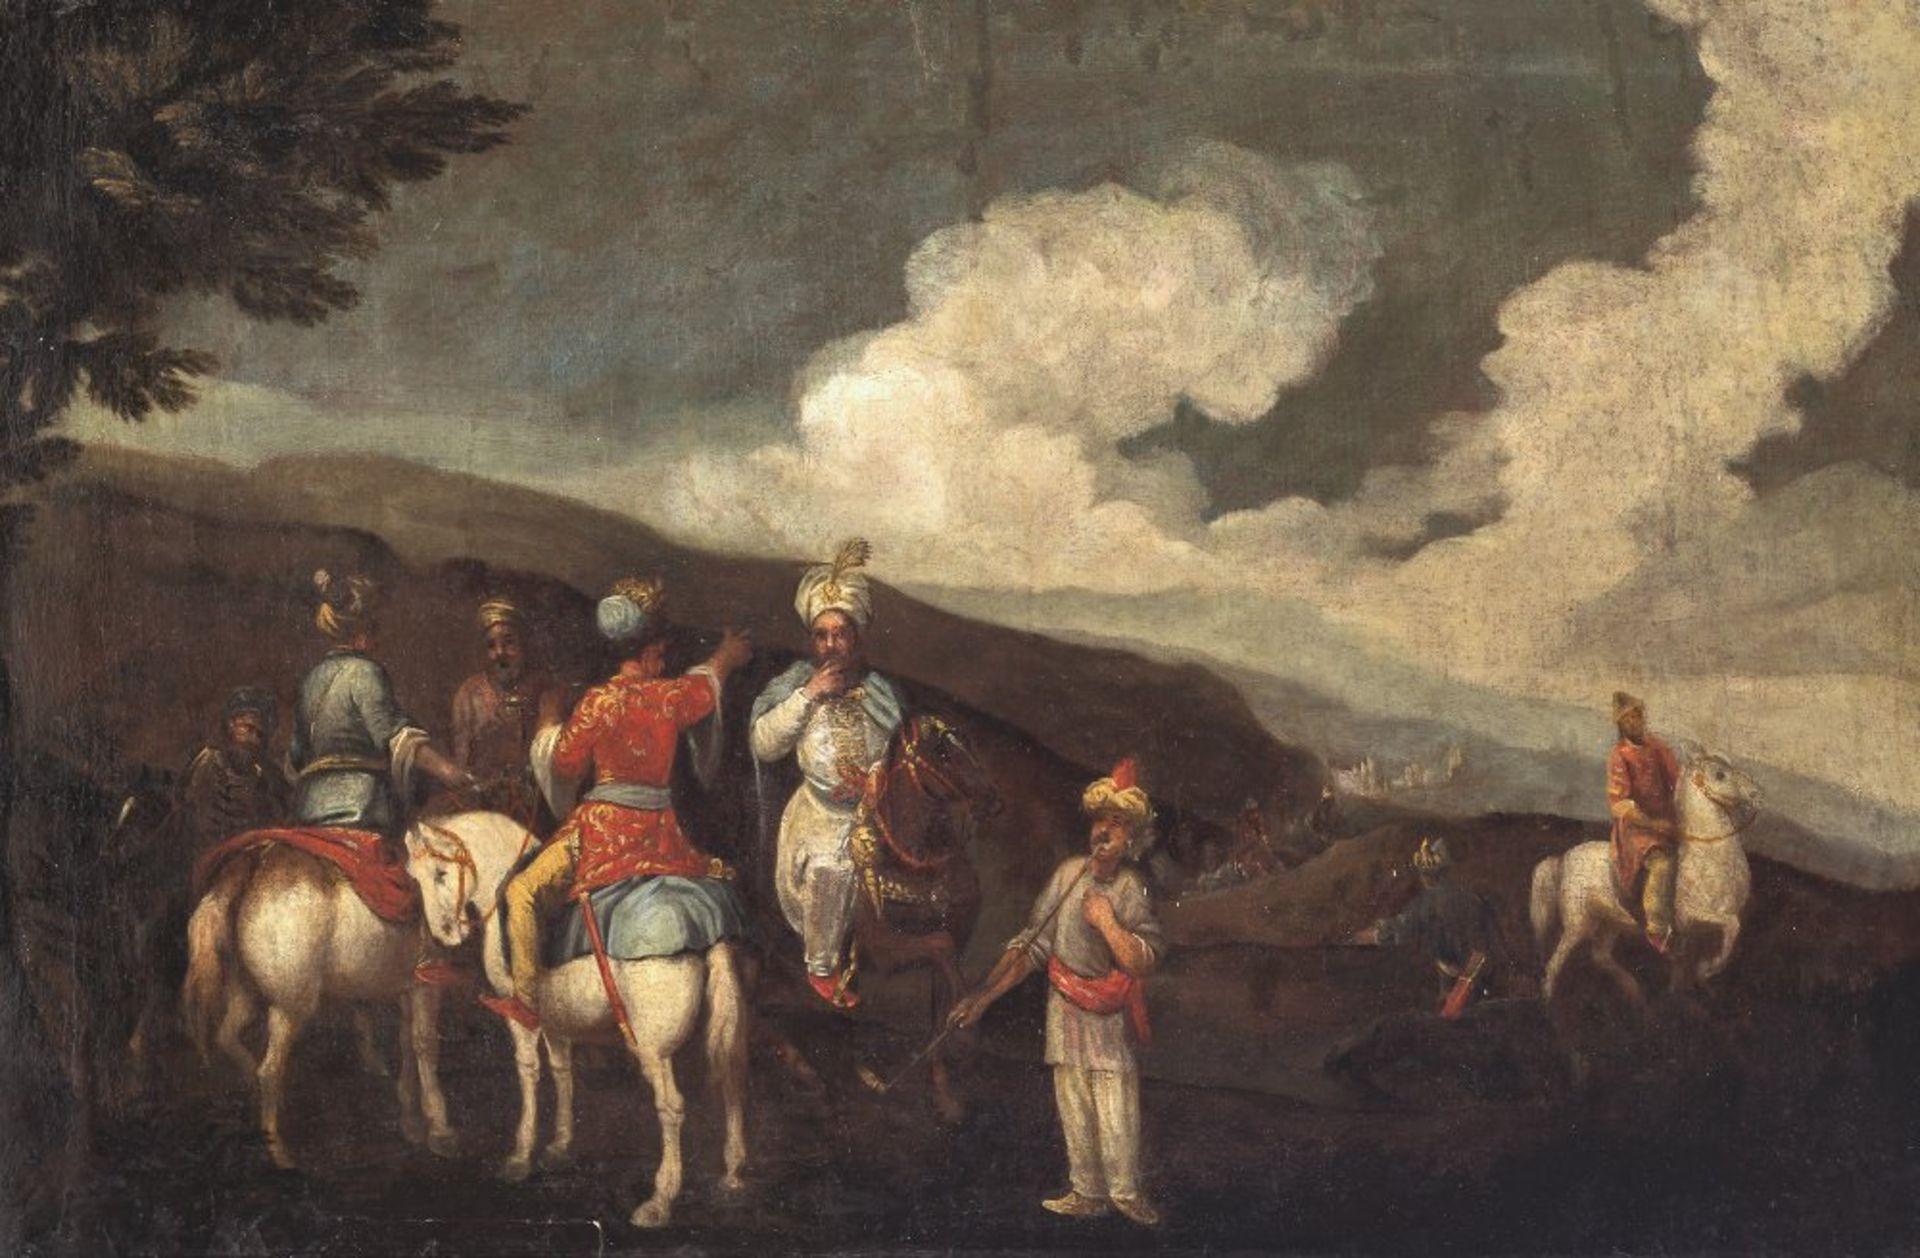 Österreich, 18. Jh.Osmanische Schlachtenszene. Öl/Lw. 65,5 x 99 cm. Doubl., rest. Unsign.Austria,